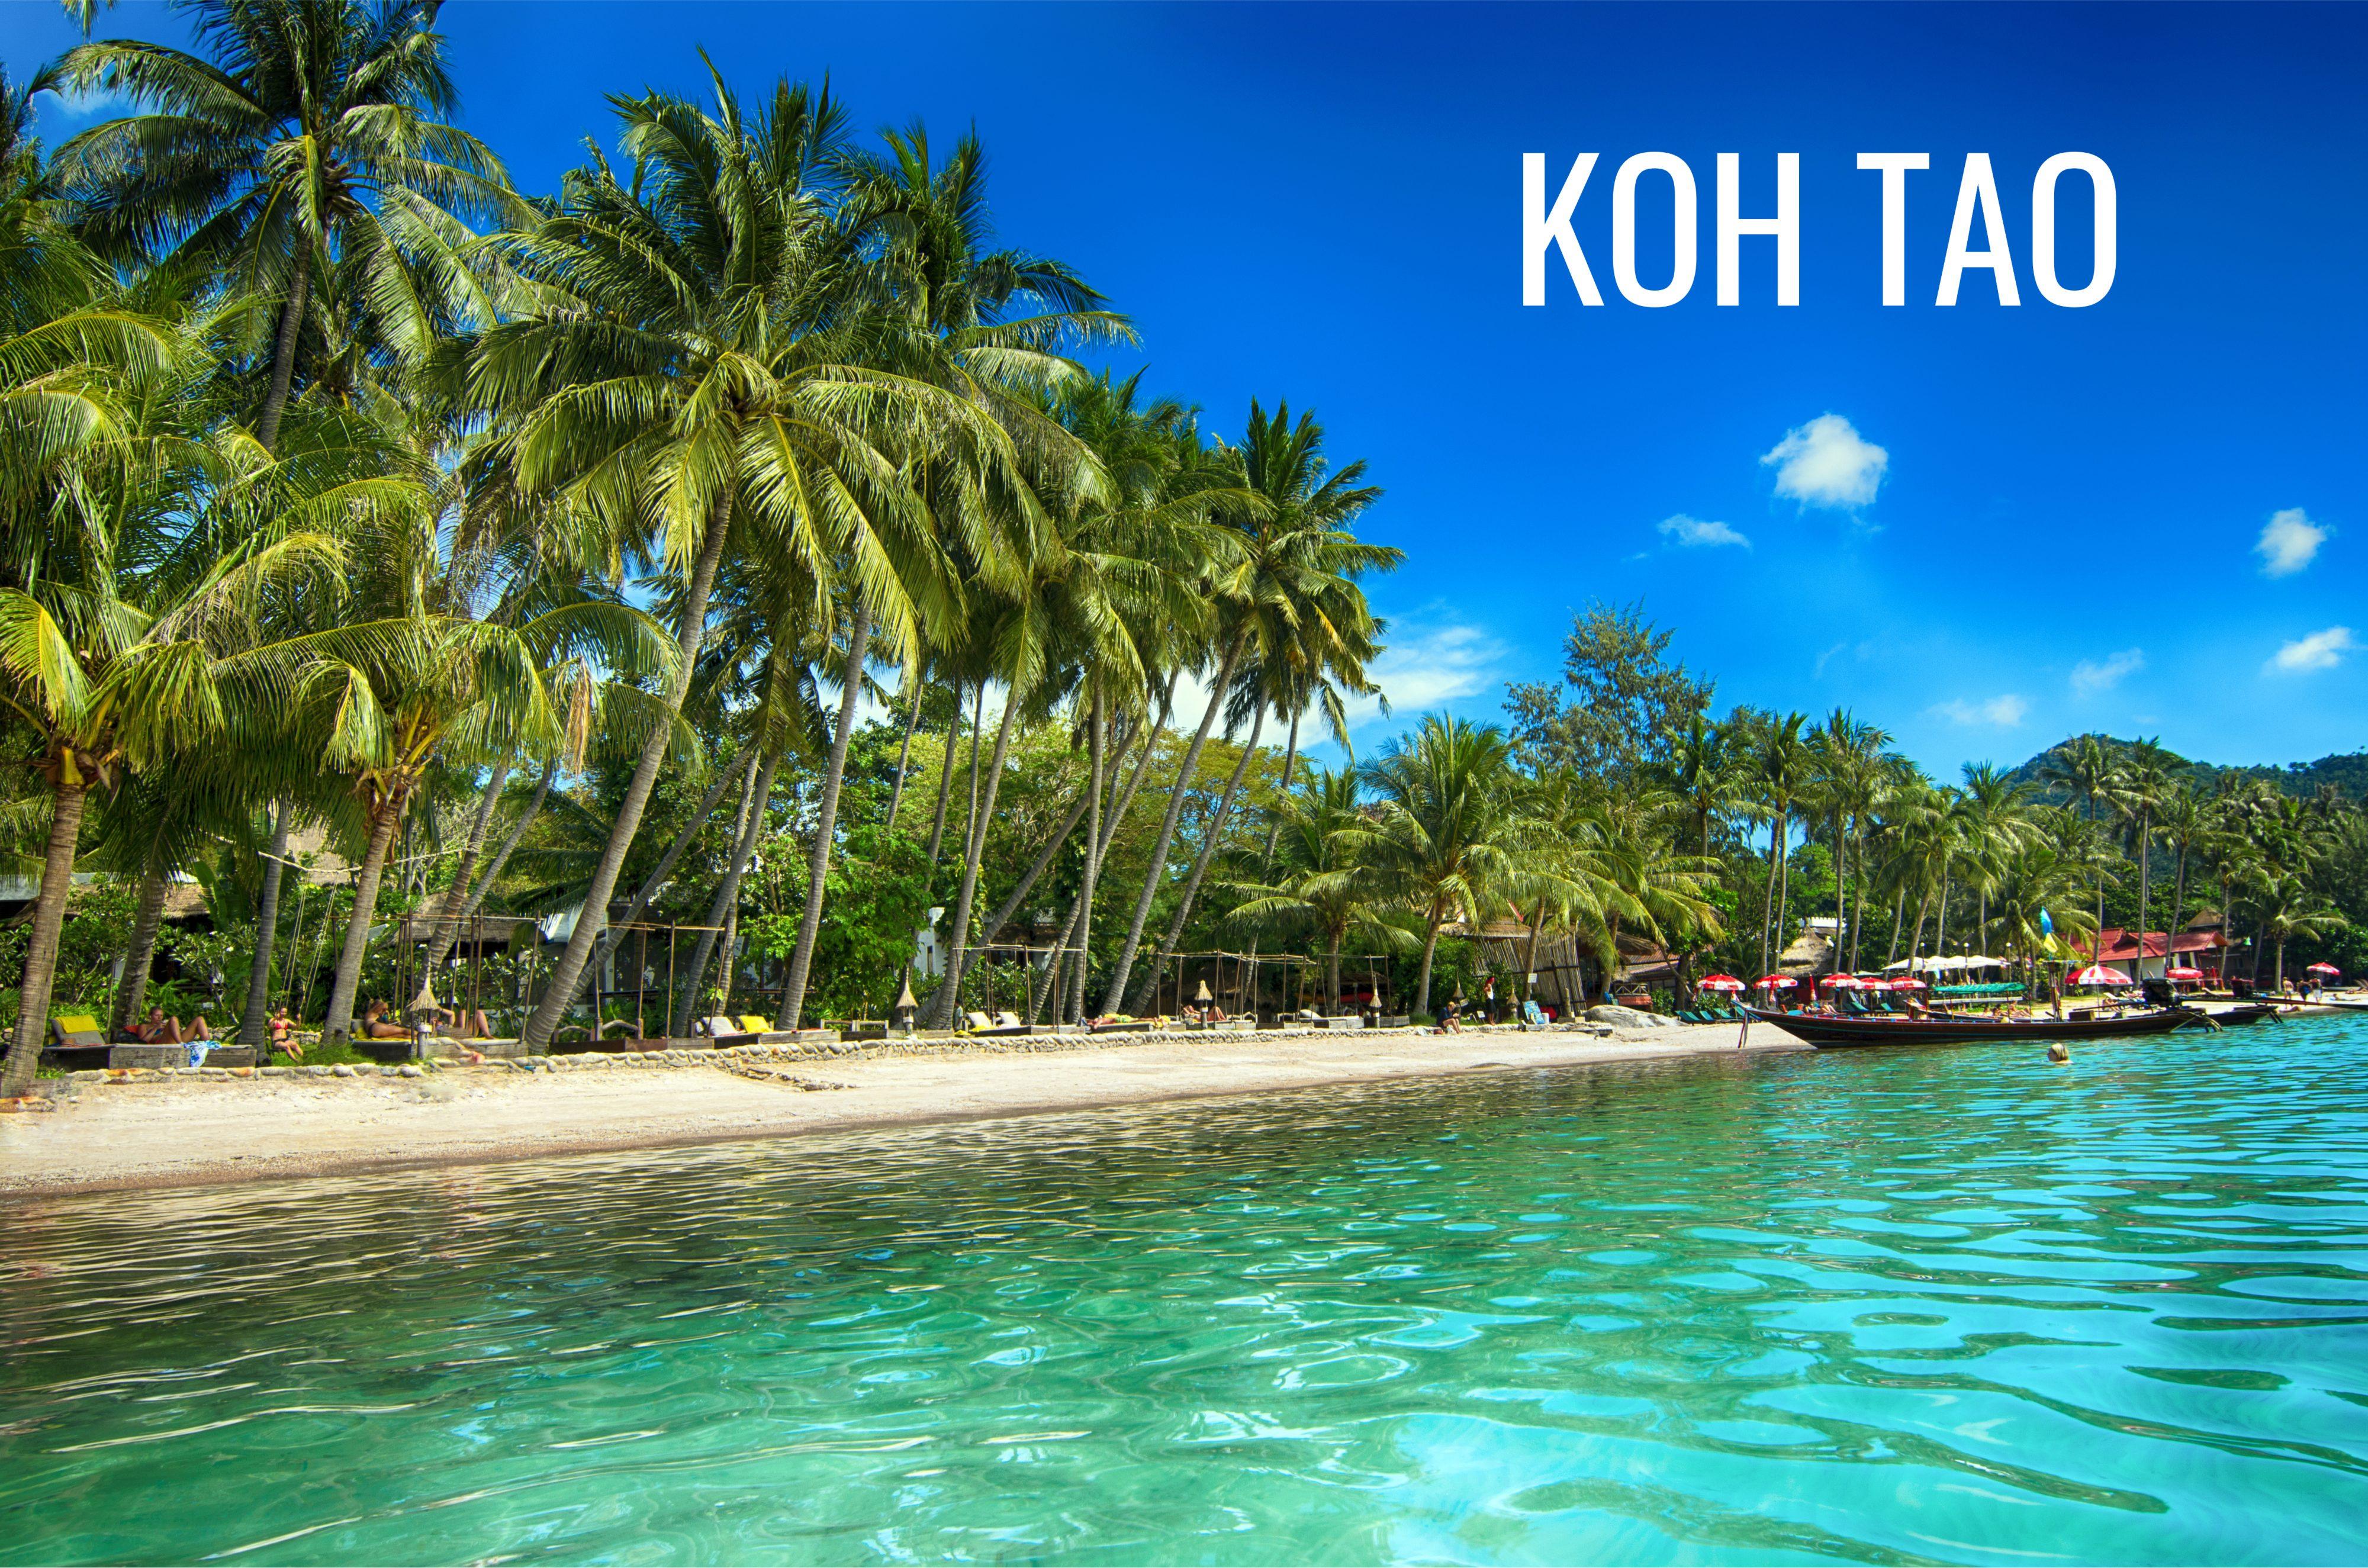 Urlaub in Thailand auf Koh Tao